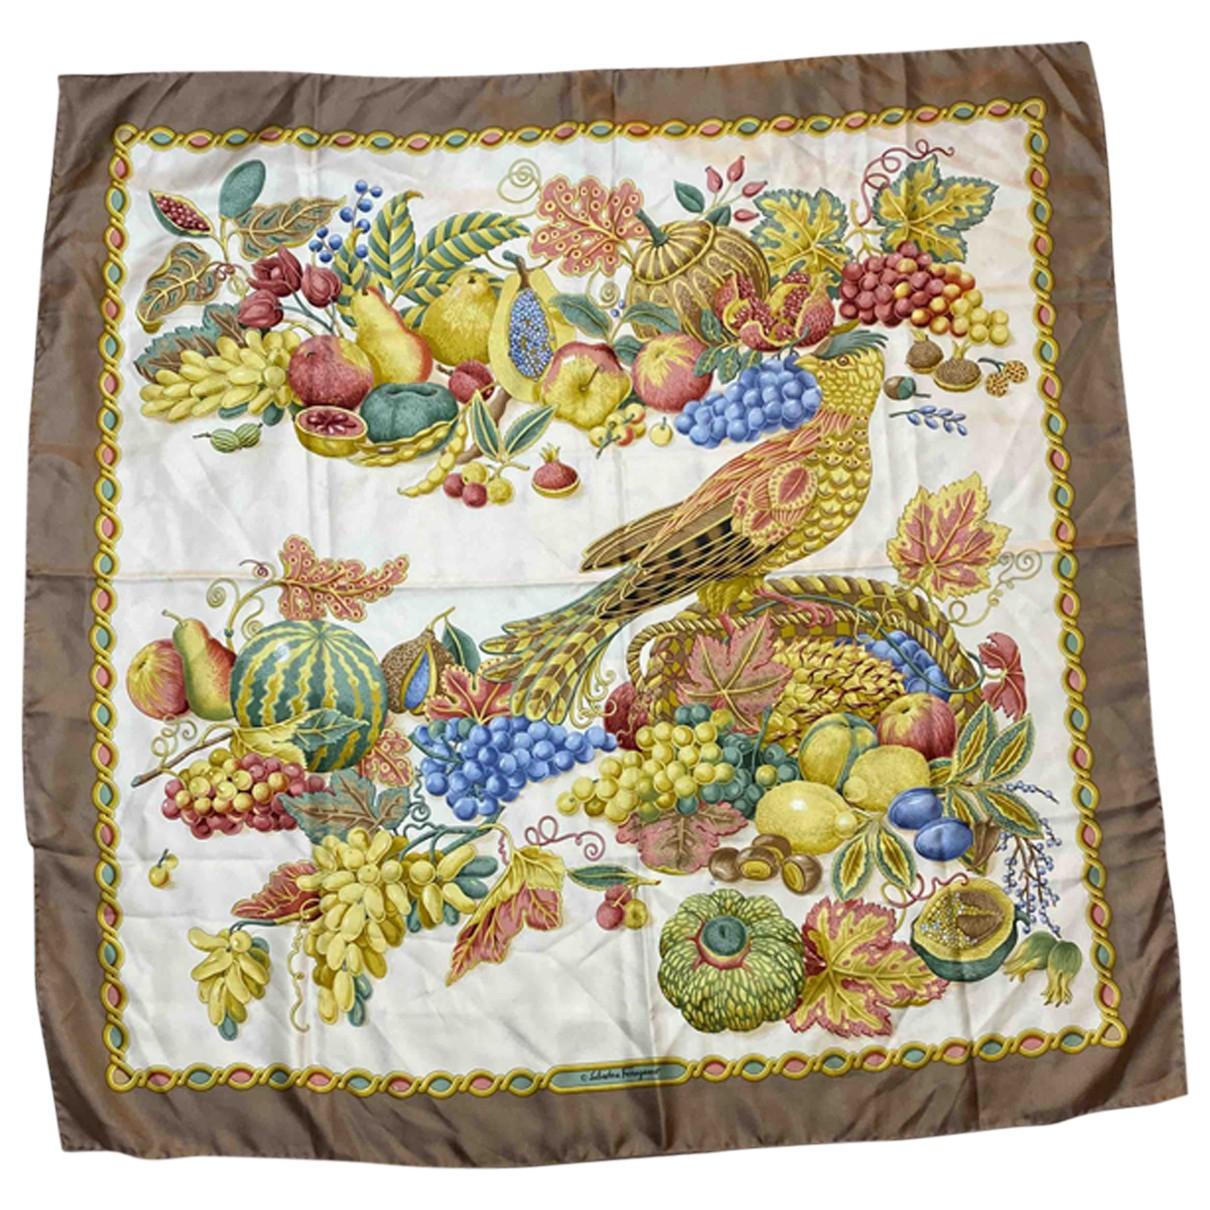 Salvatore Ferragamo - Foulard   pour femme en soie - multicolore